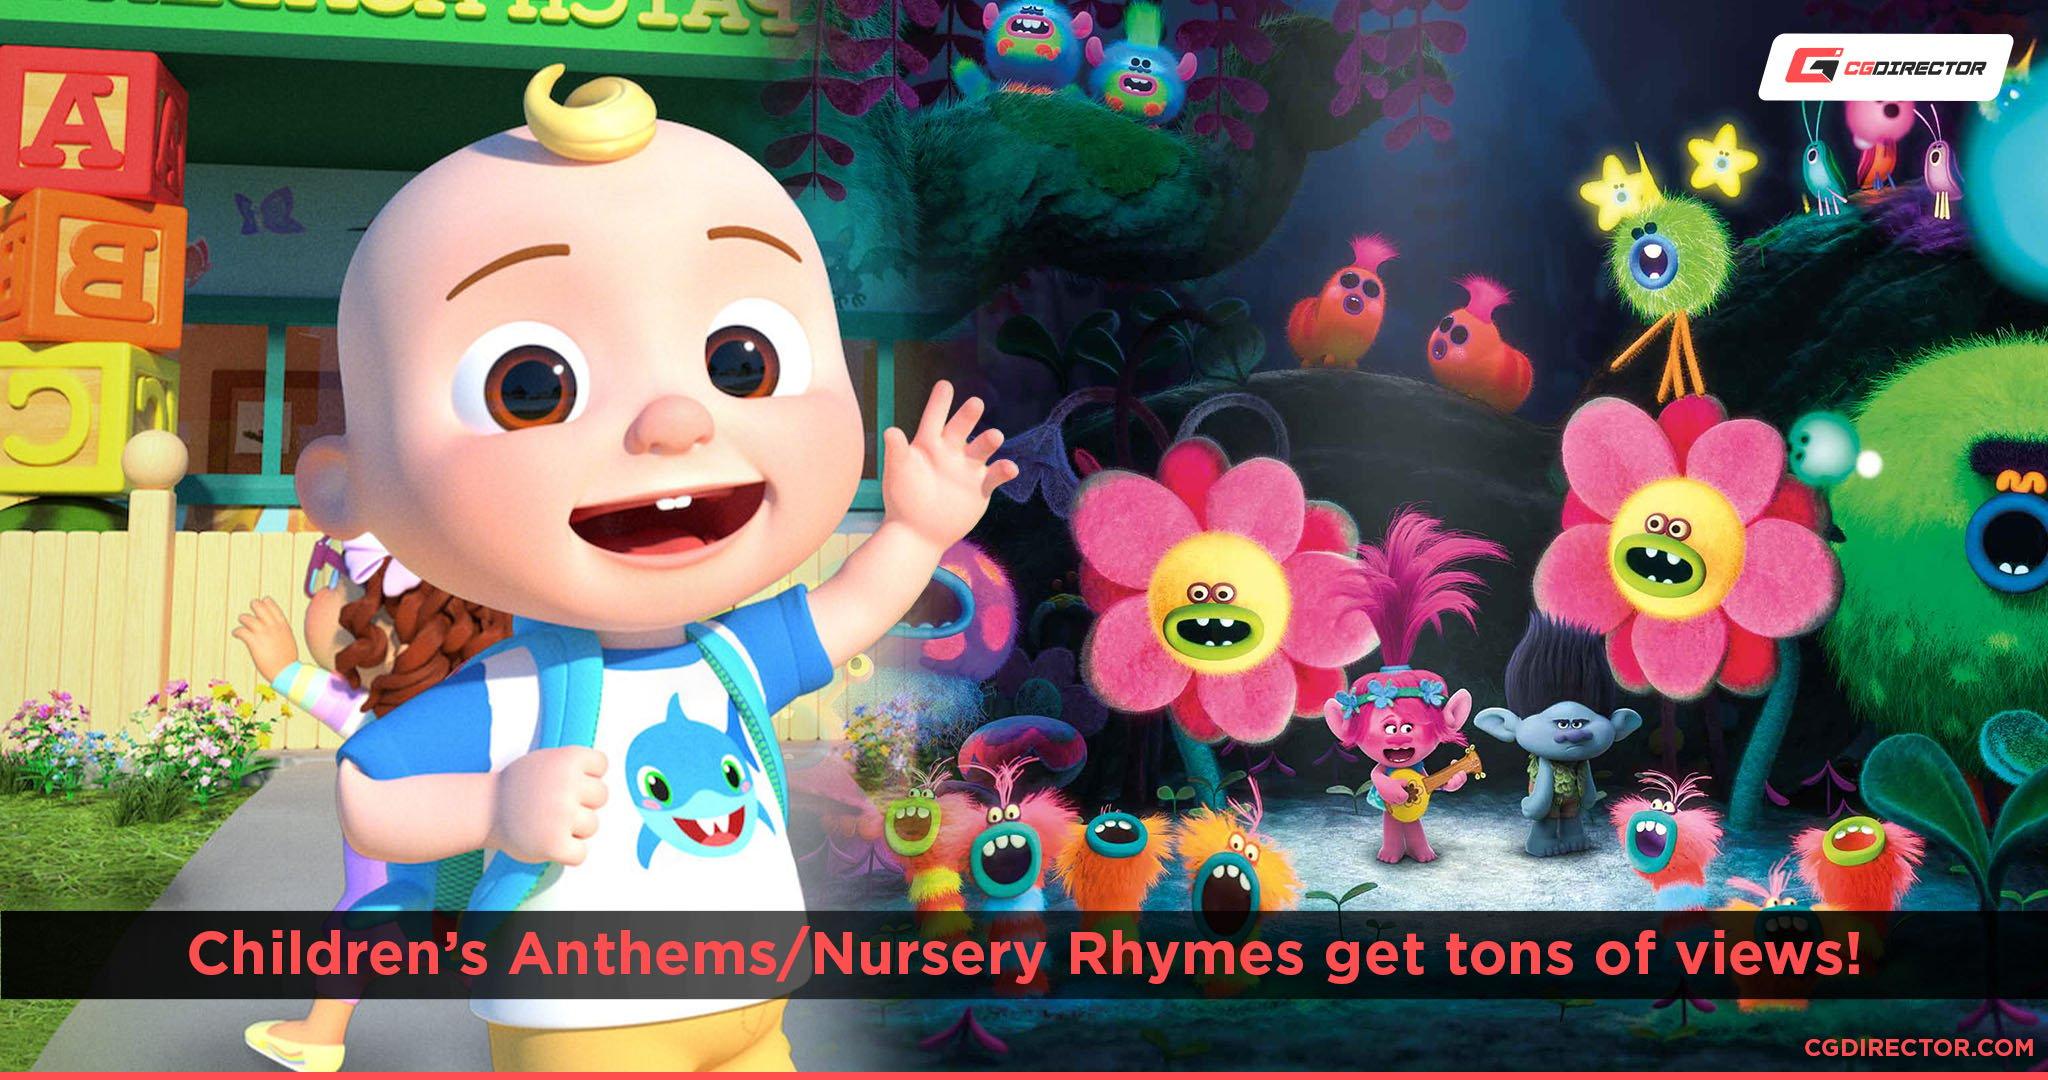 Nursery Rhymes get lots of views